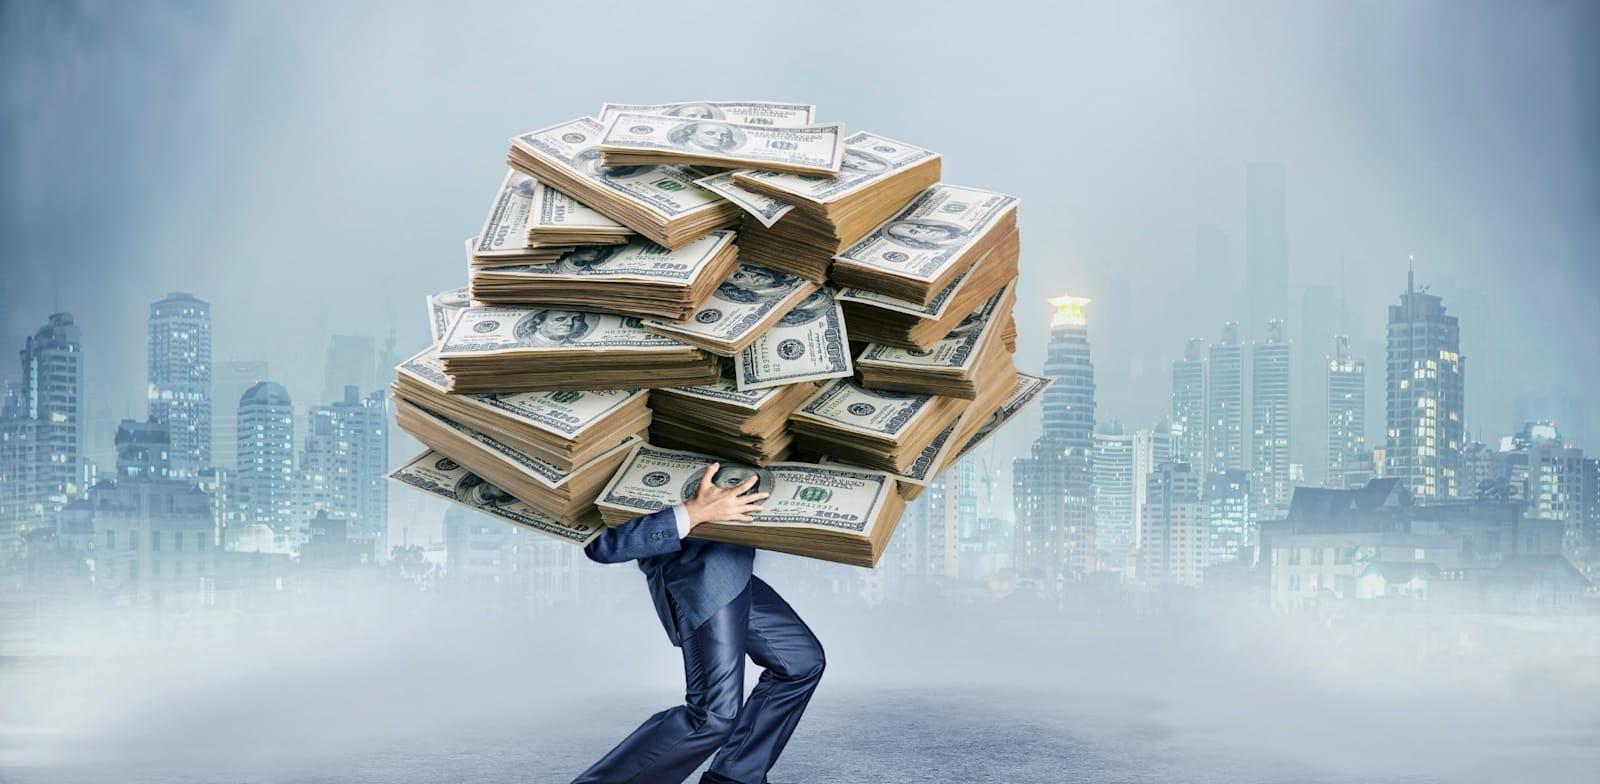 פיטום מסיבי של סטארט־אפים בכסף גדול יכול לעיתים להיגמר ברע / צילום: Shutterstock